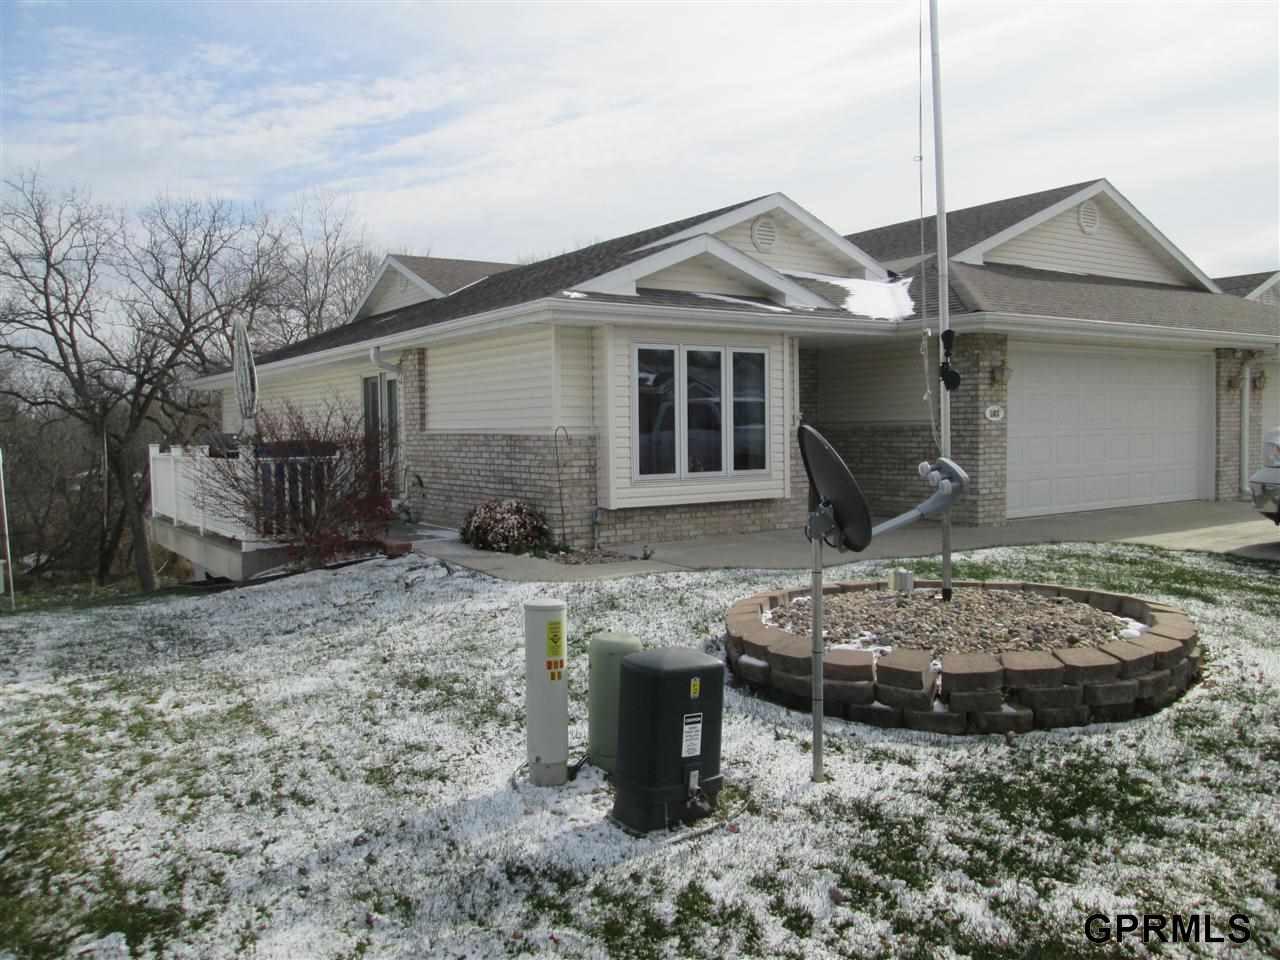 Rental Homes for Rent, ListingId:30673318, location: 103 E DEER LANE Plattsmouth 68048